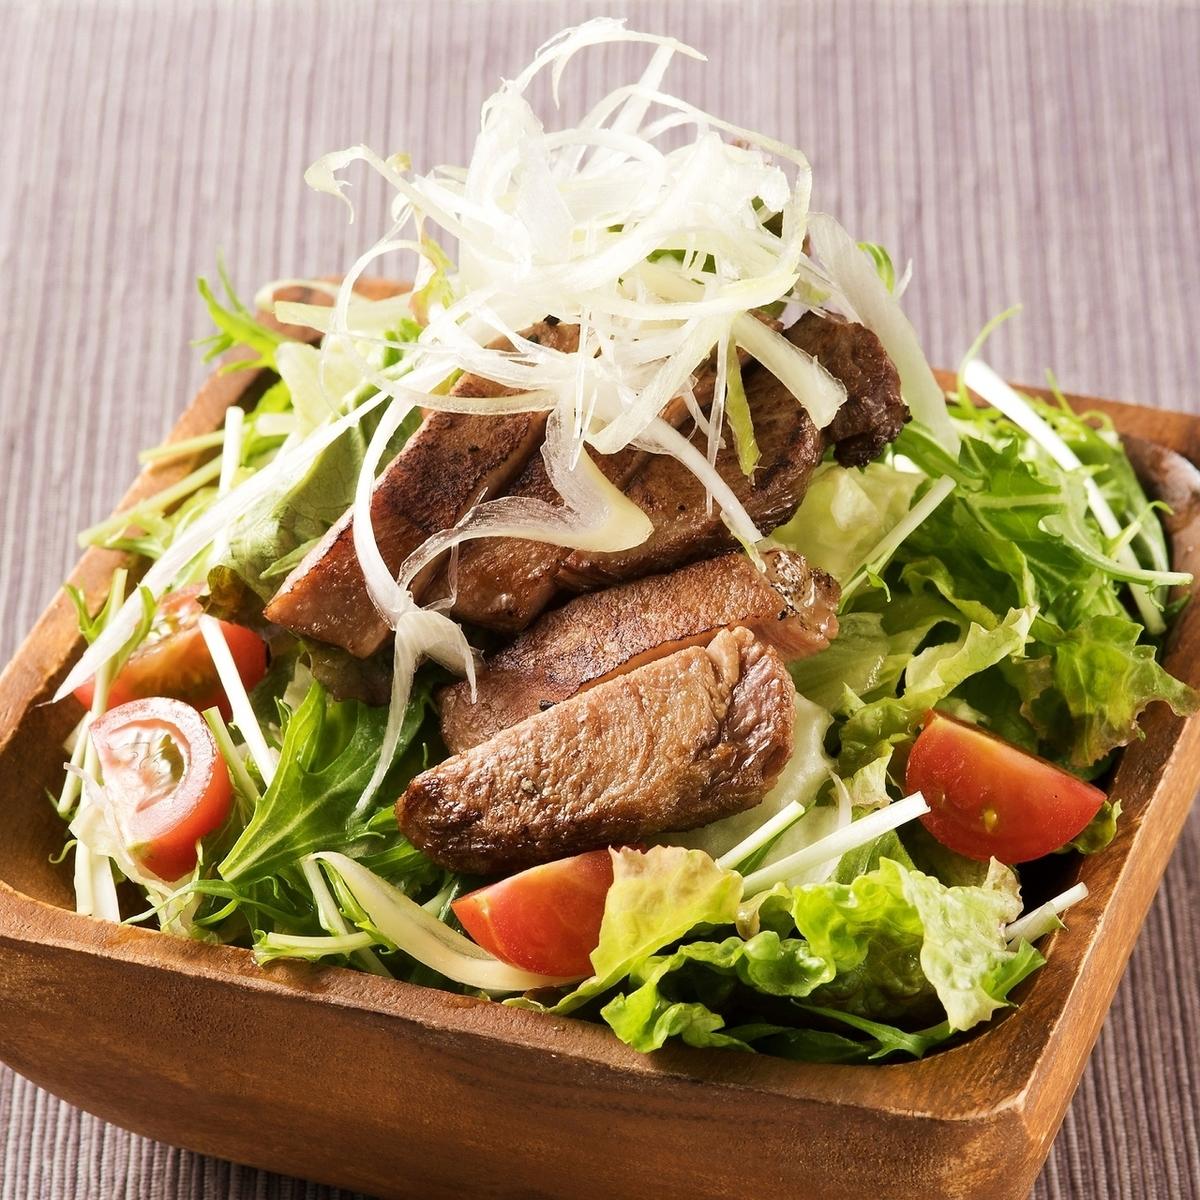 구이 쇠고기 샐러드